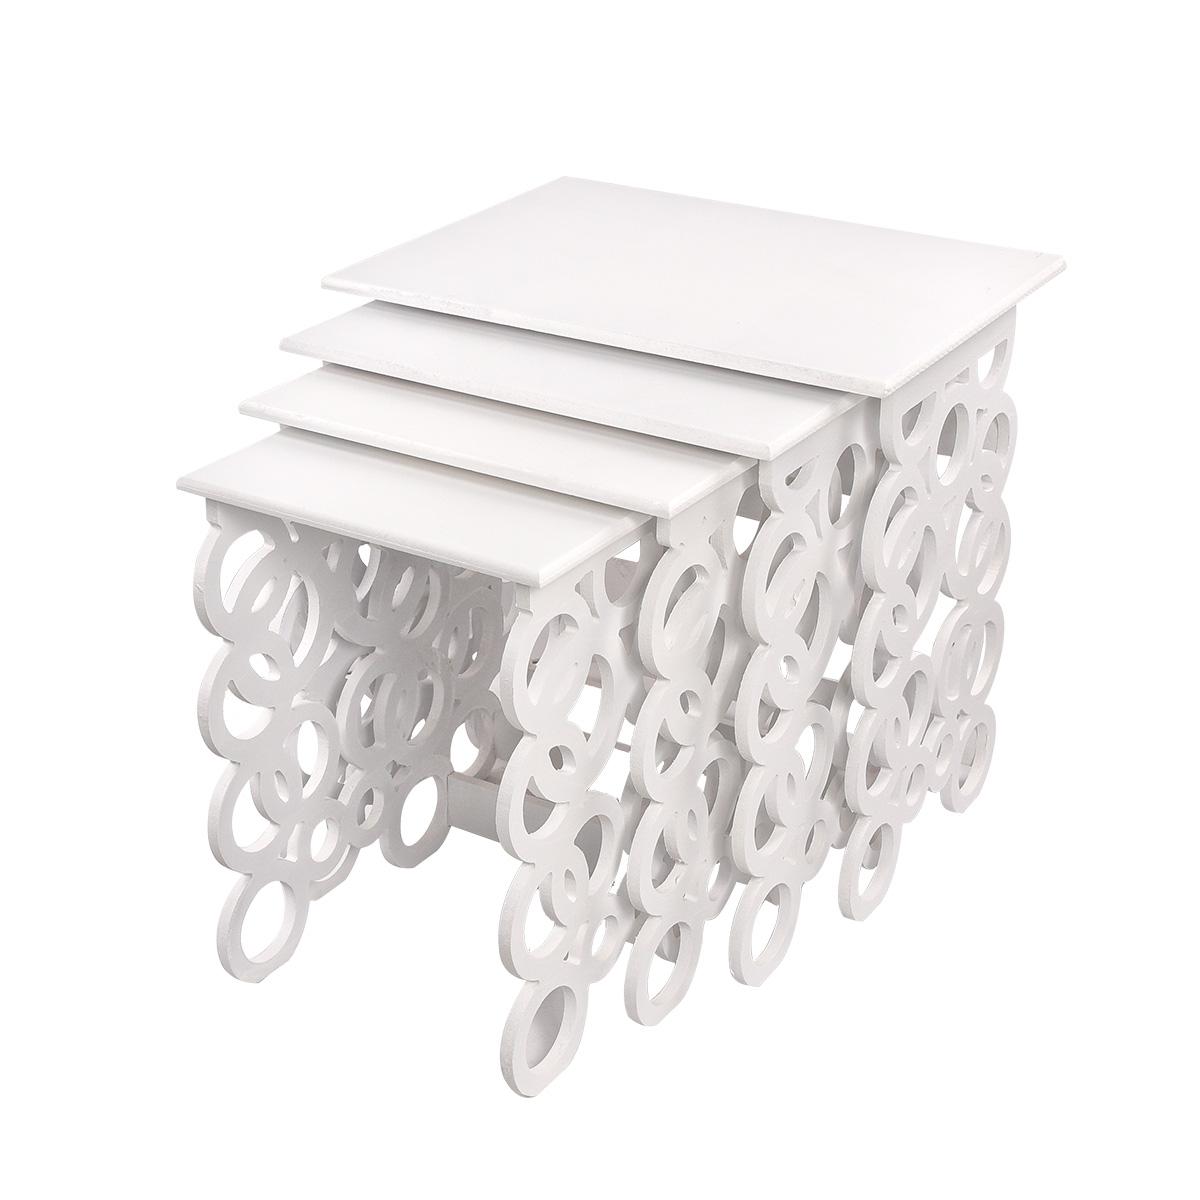 طاولة تقديم وخدمة خشب 4 قطع مزخرف اشكال متعدده   - لون ابيض